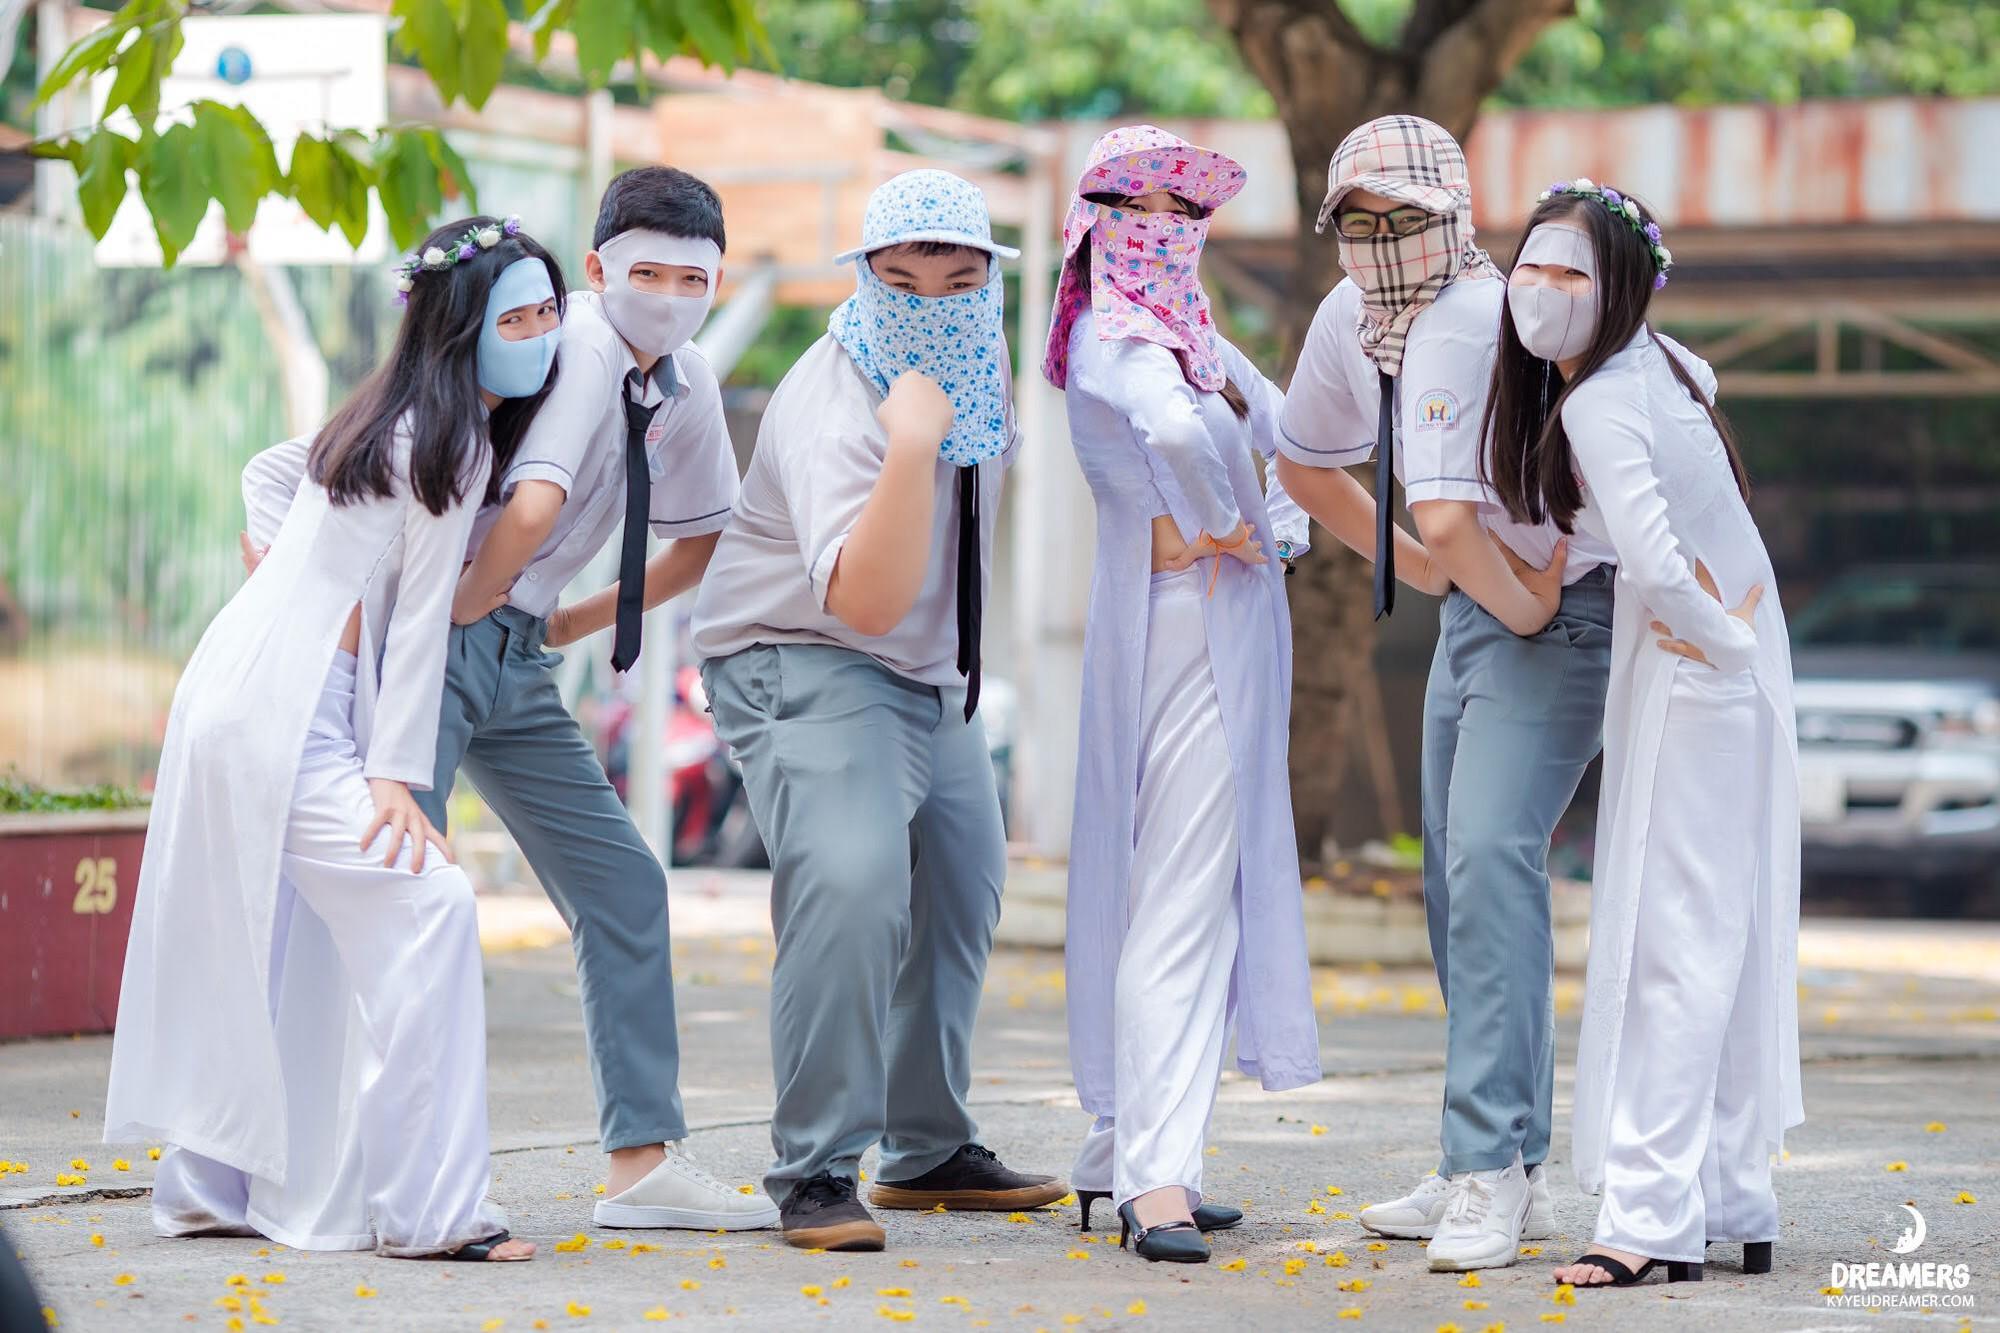 Muốn có bộ ảnh khó quên thời học sinh, hãy nhanh tay học hỏi style Ninja Lead từ các bạn này - Ảnh 2.